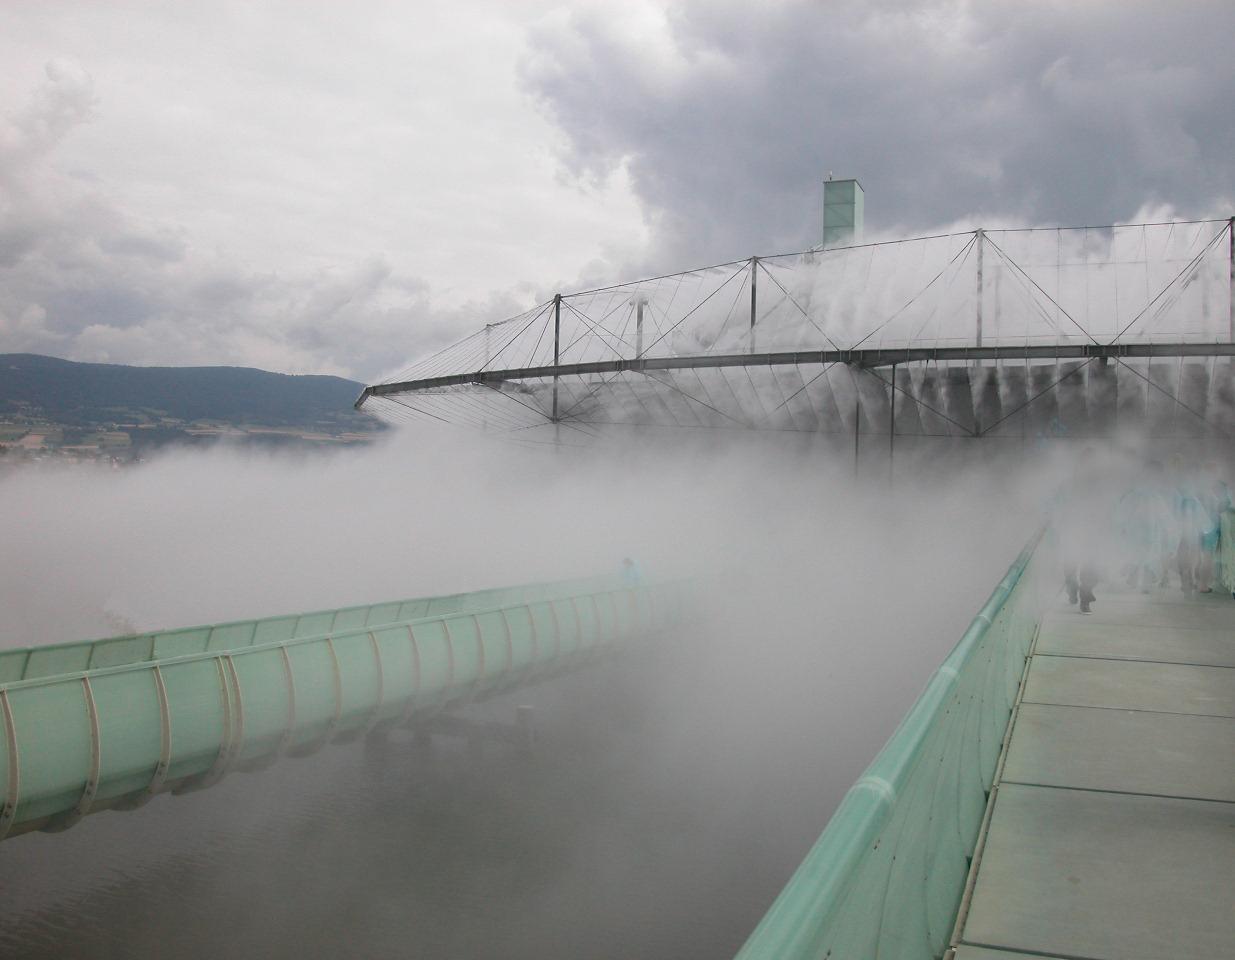 diane-dubeau-nuage-blur-building-diller-scofidio-2